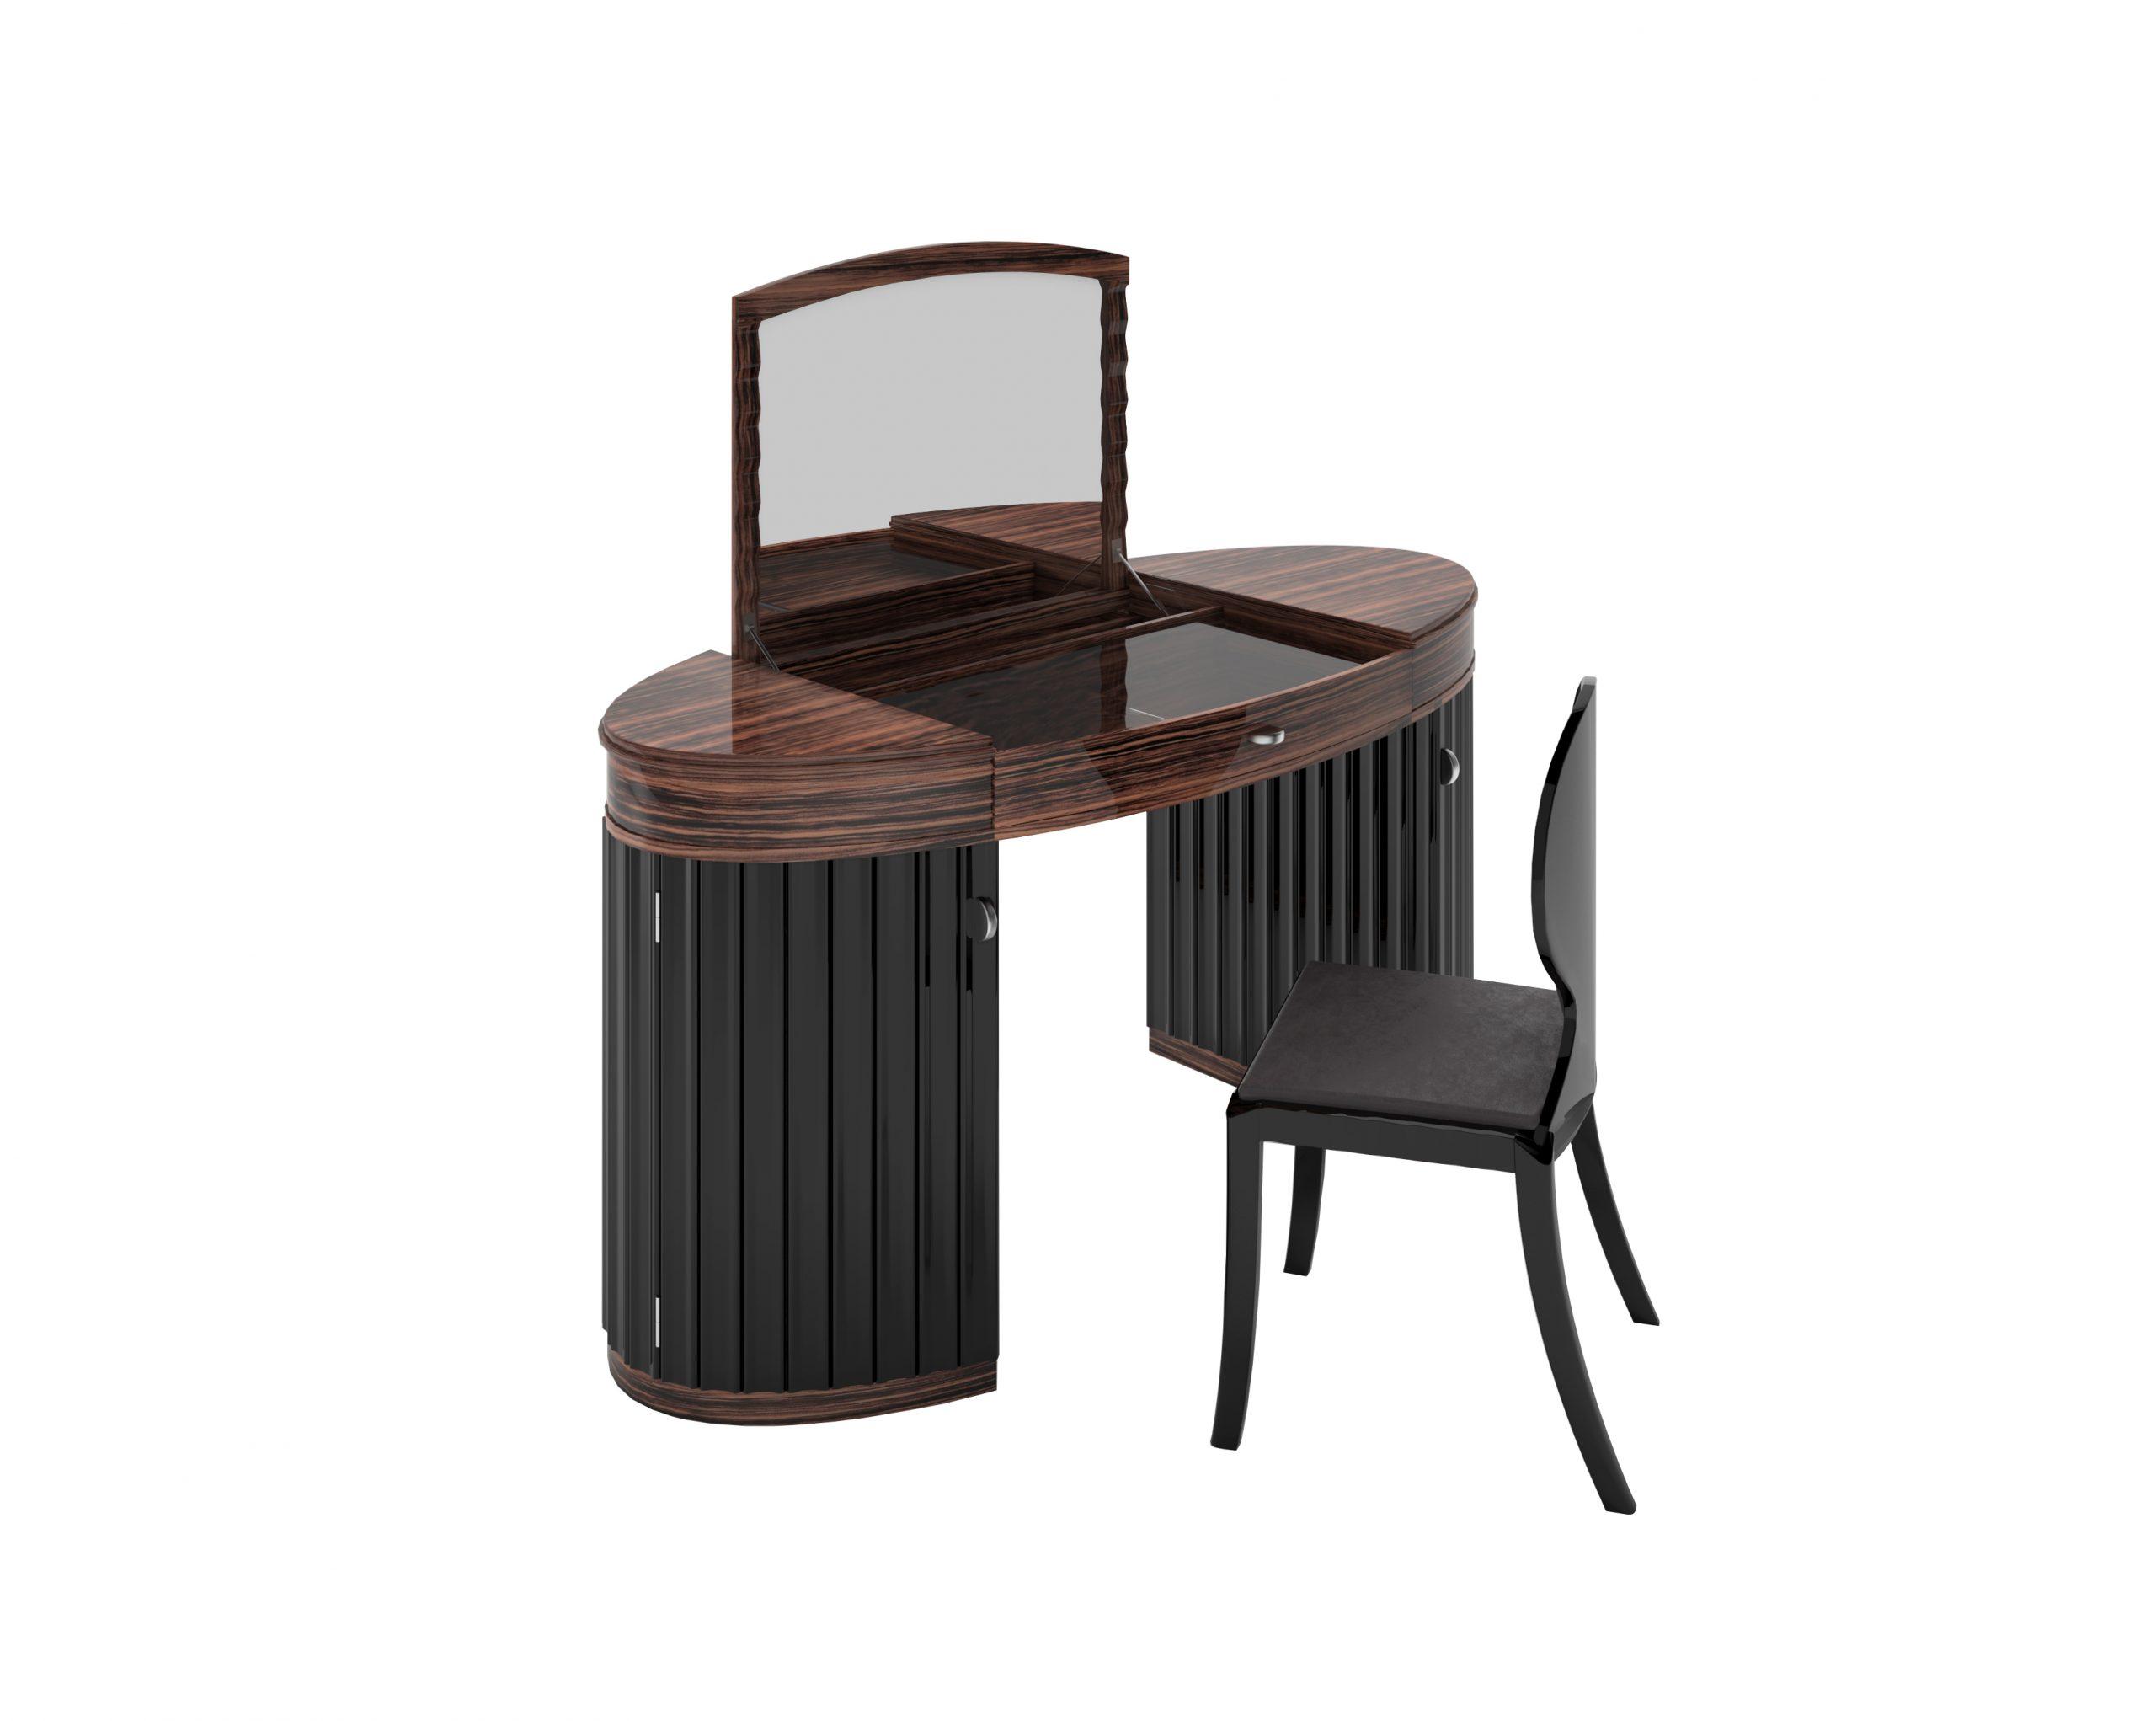 Full Size of Stuhl Für Schlafzimmer Art Deco Makassar Schminktisch Original Antike Mbel Boden Badezimmer Schaukel Garten Lampe Teppich Hussen Sofa Led Deckenleuchte Bilder Schlafzimmer Stuhl Für Schlafzimmer